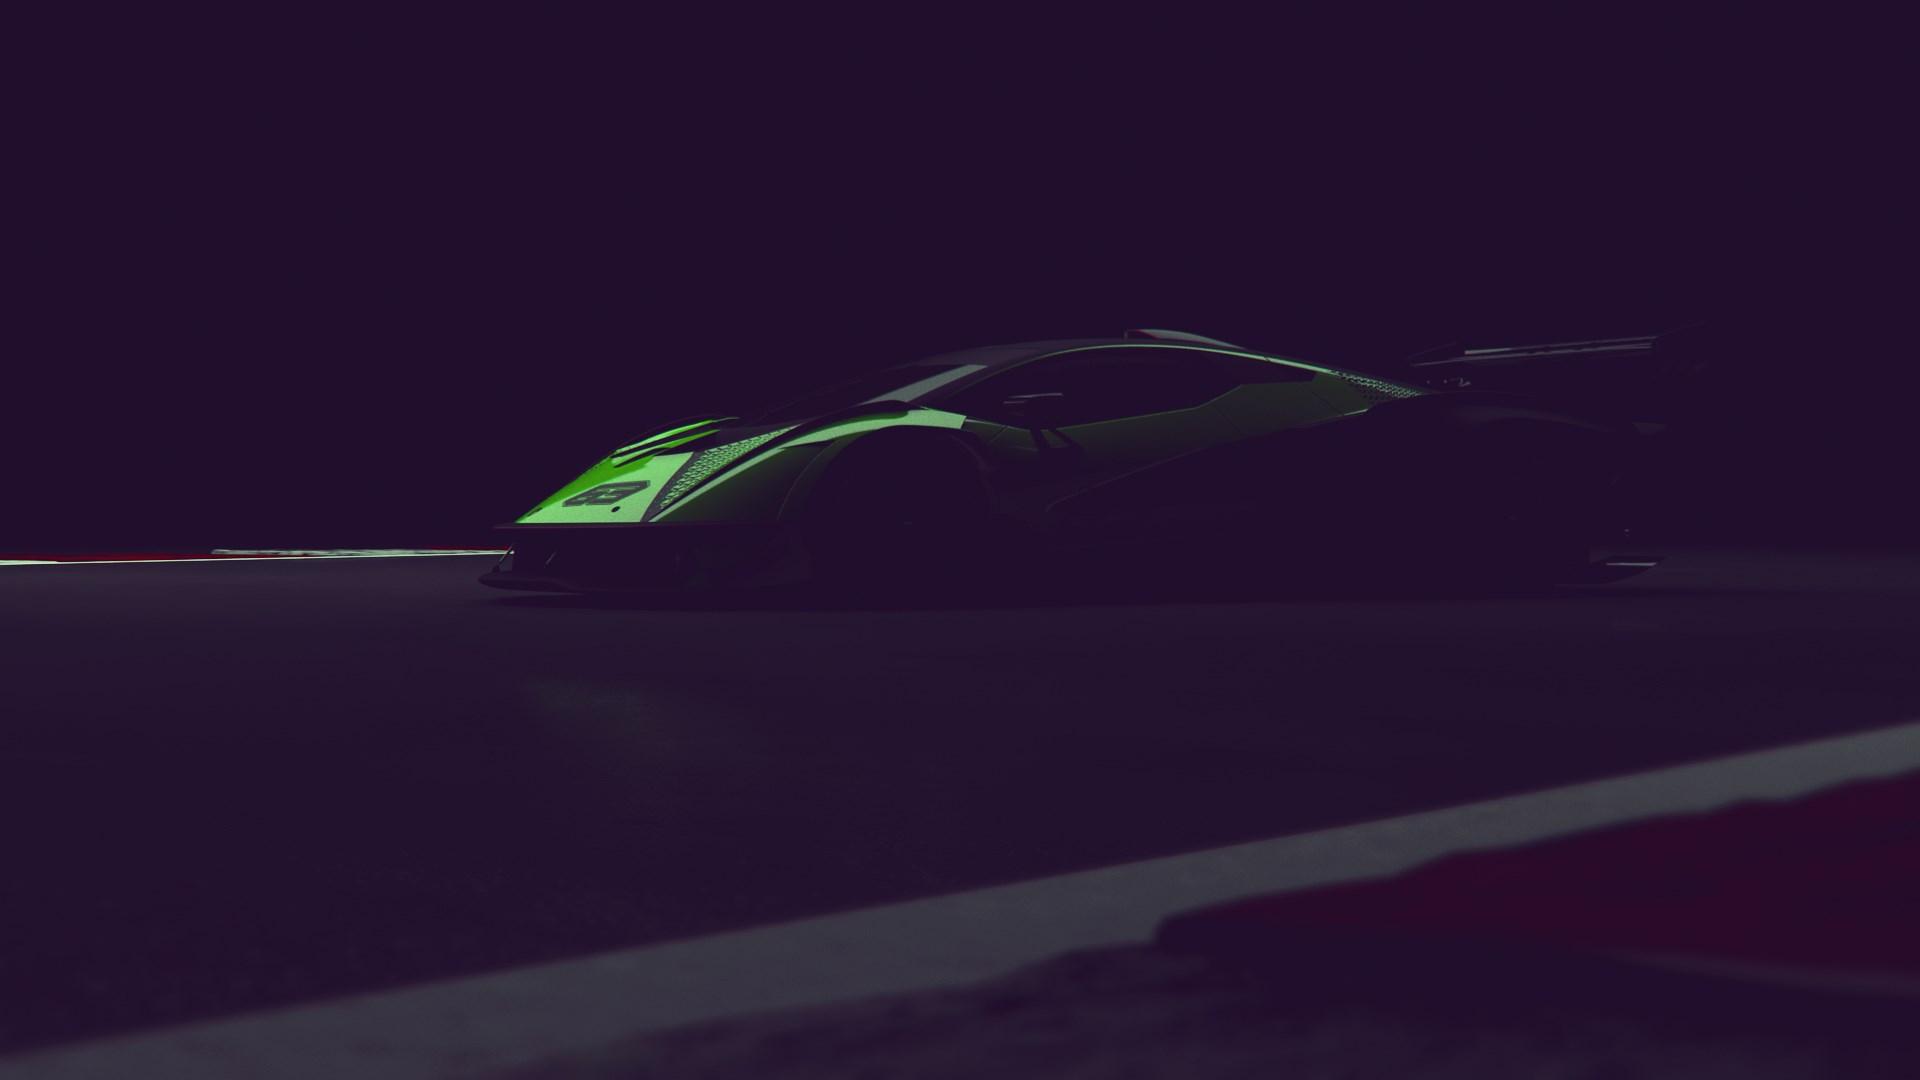 ランボルギーニ、新型ハイパーカーとサーキット仕様のウルスをプレビュー